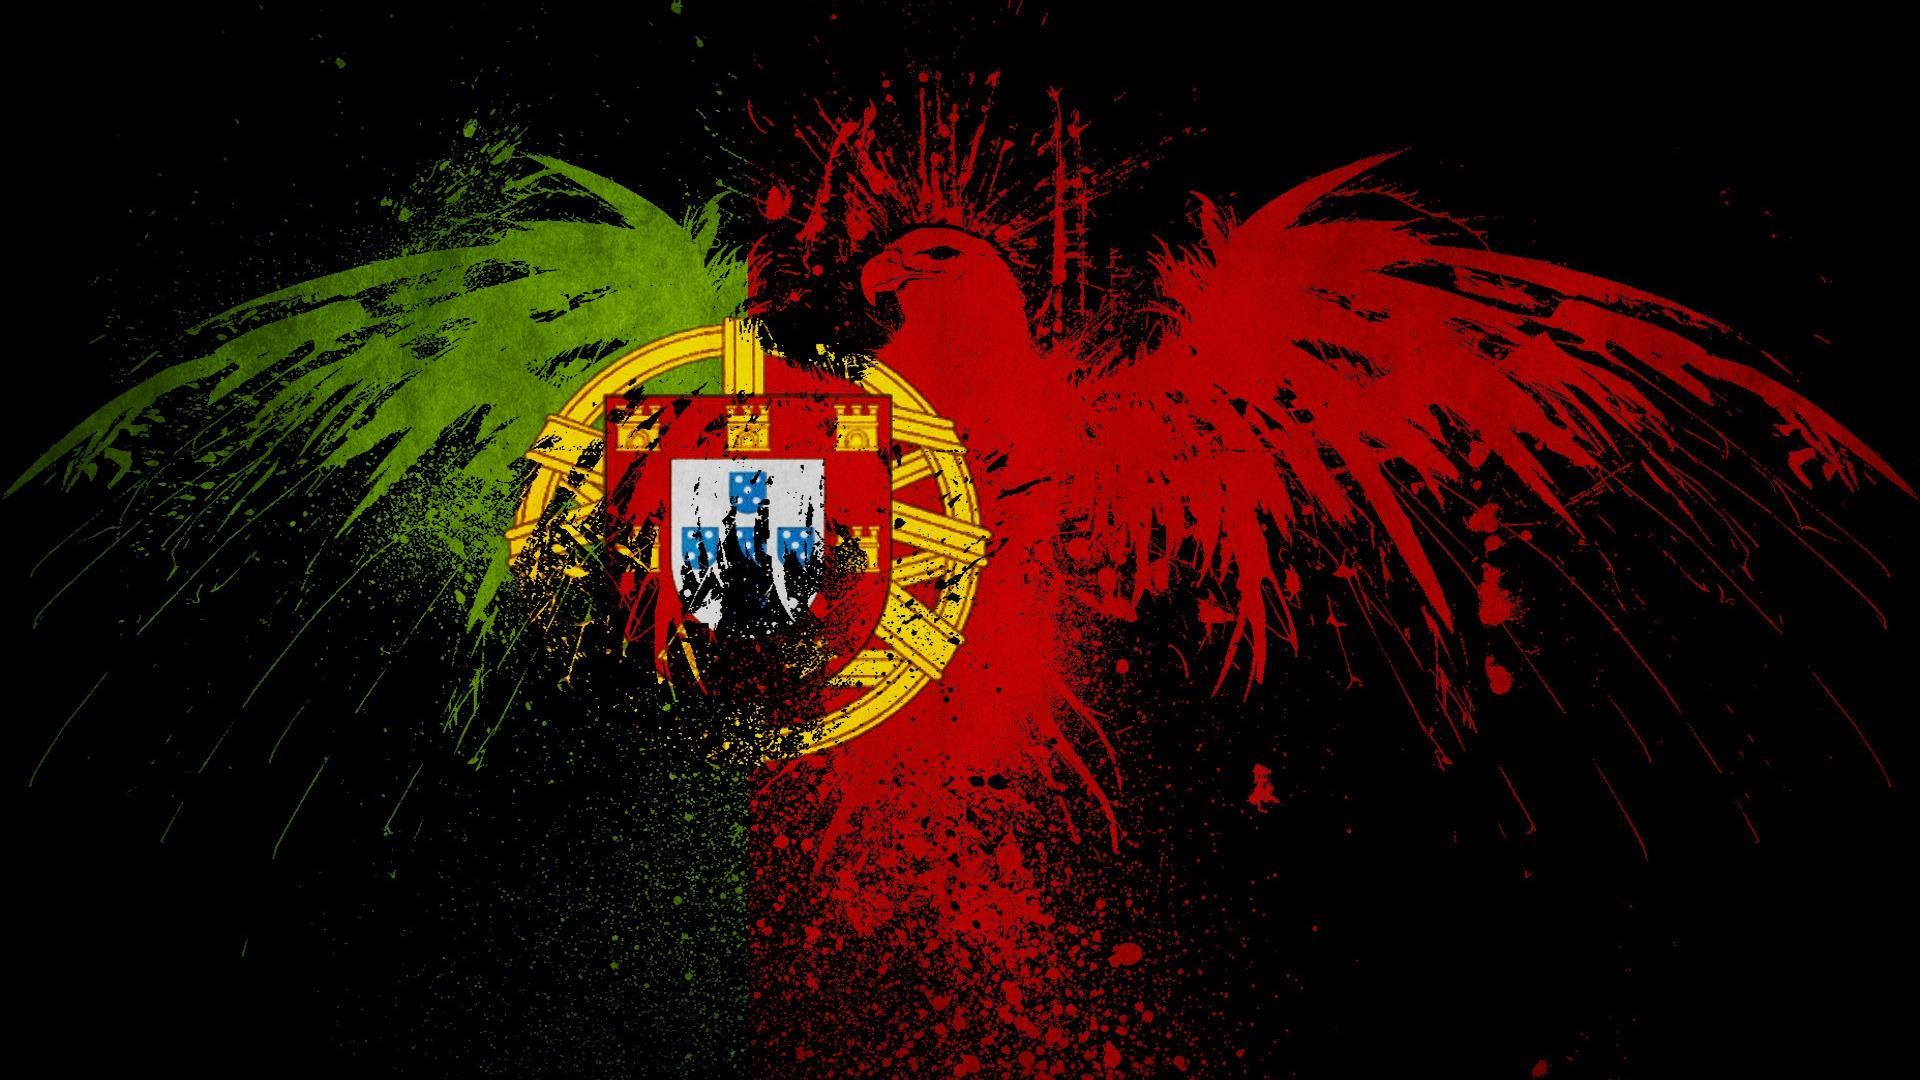 Fond D Écran Portugal 10 000 fonds d'écran hd gratuits et de qualité ! wallpapers hd